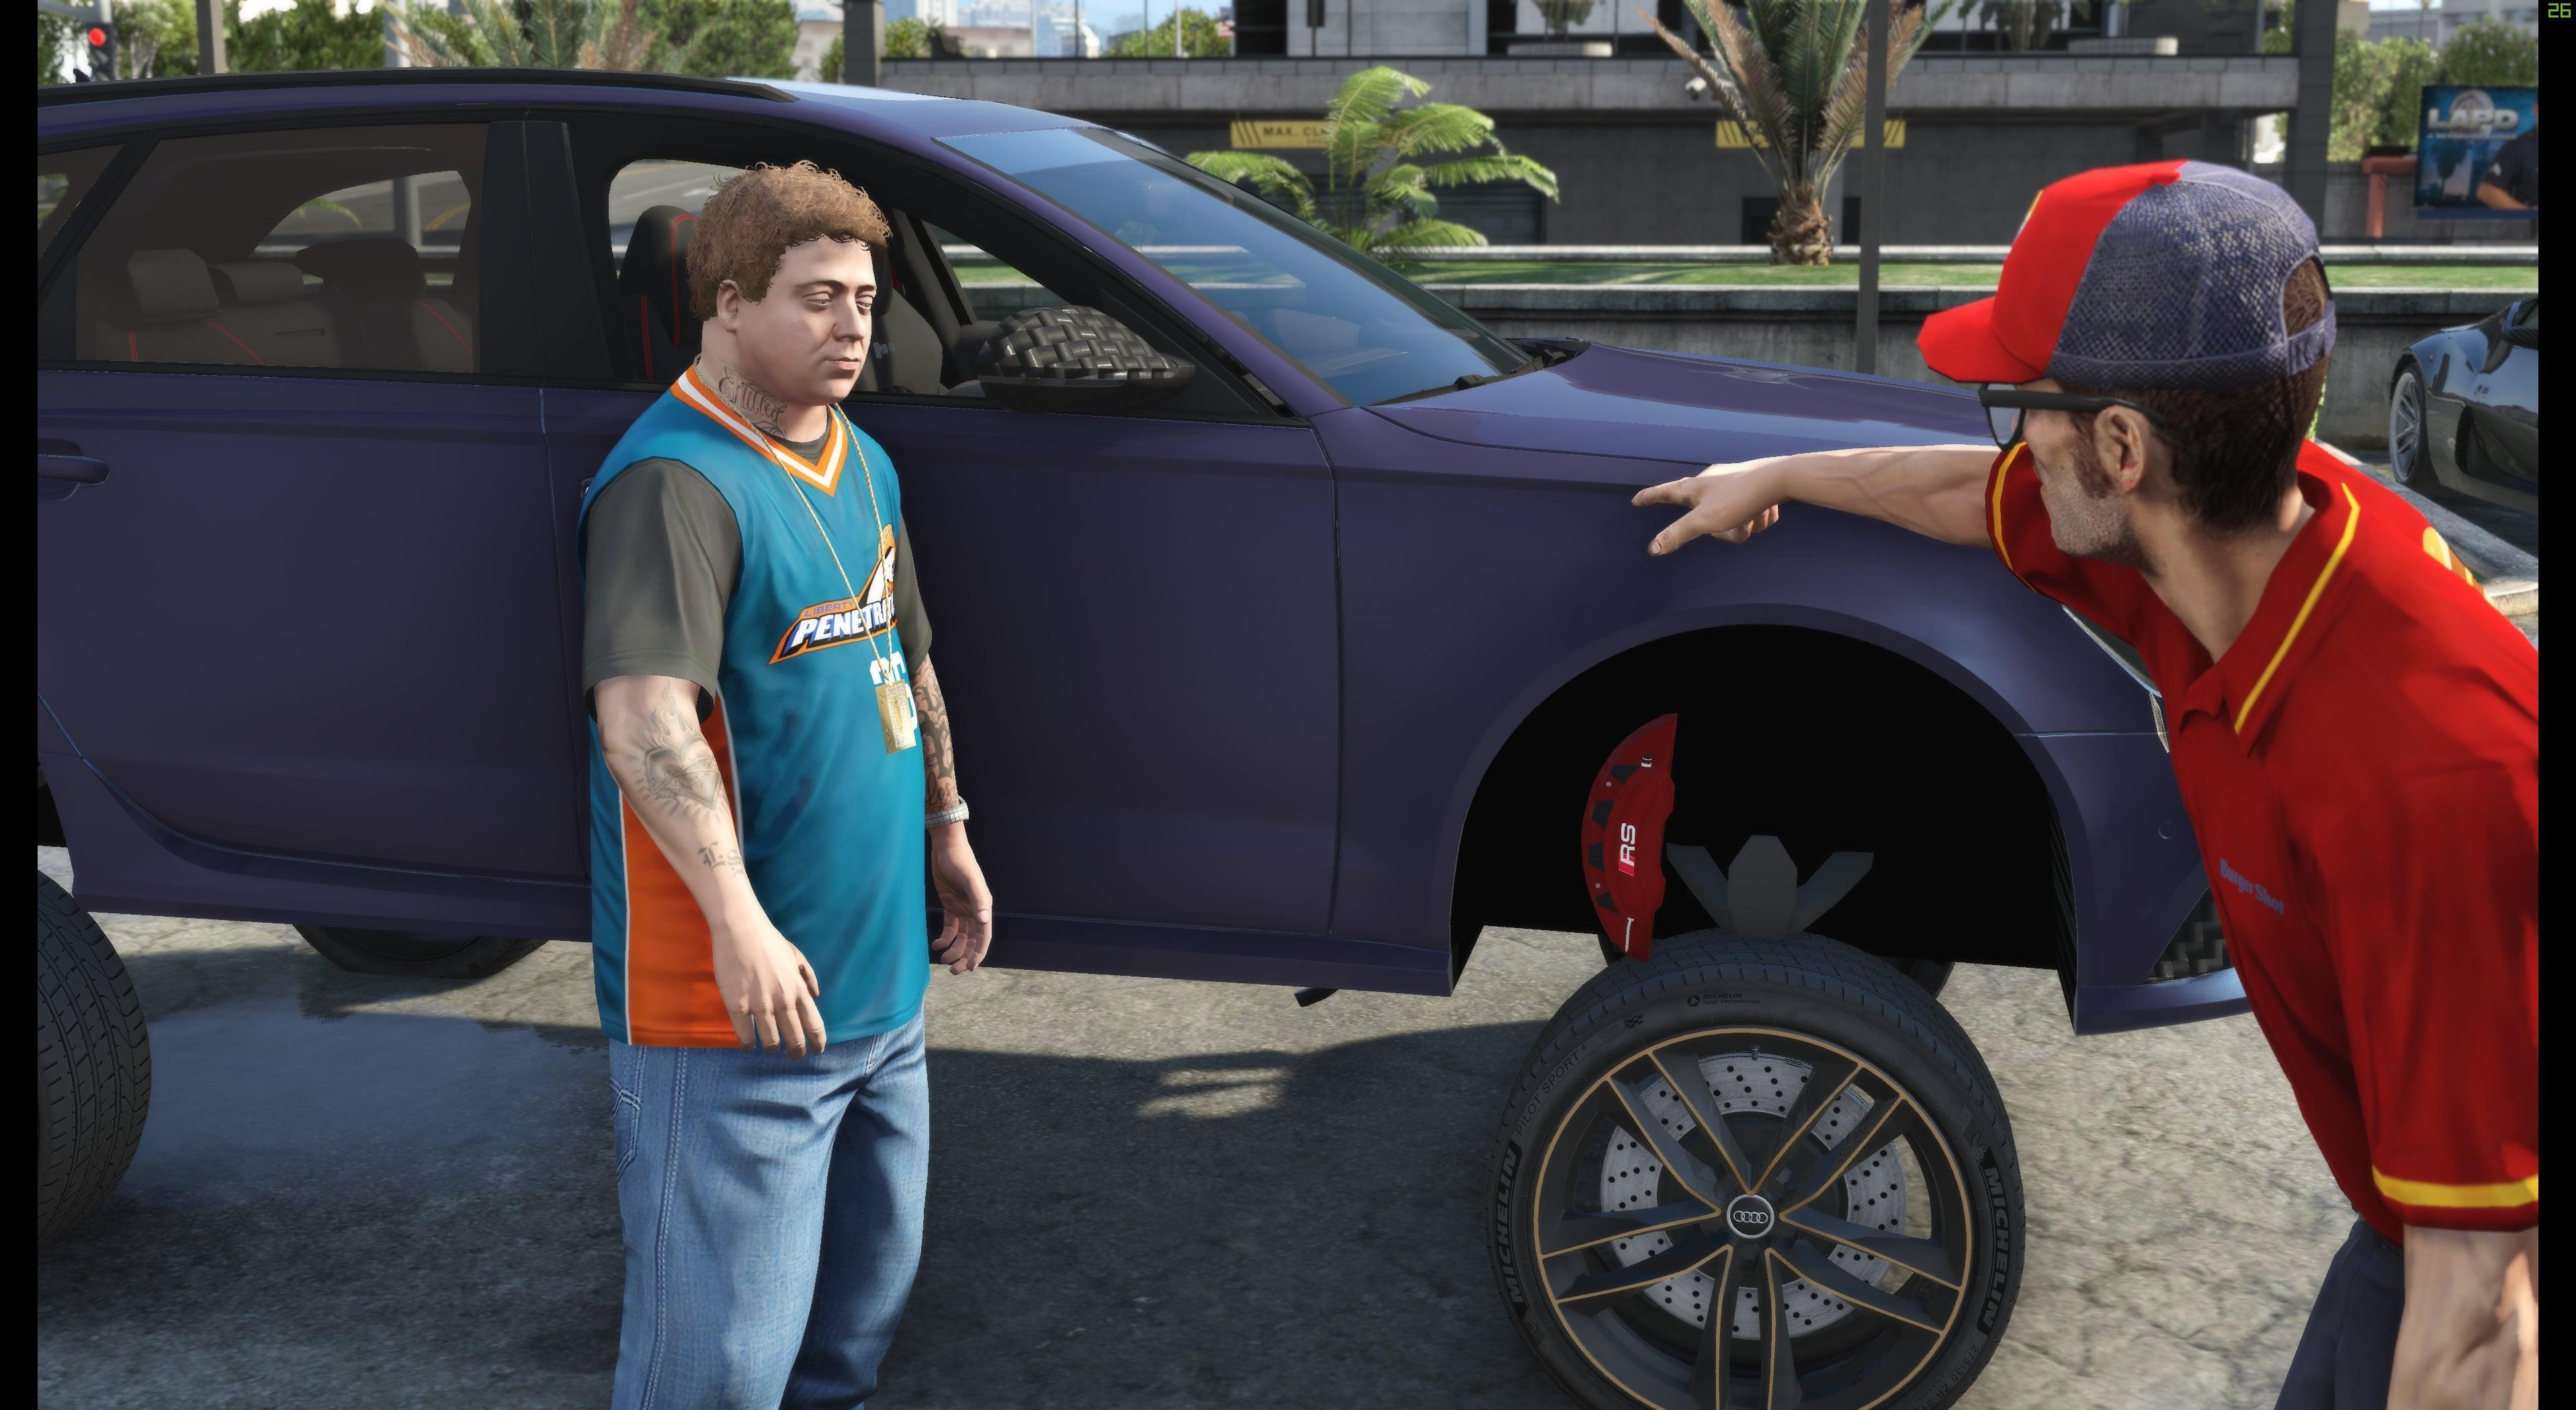 0_1567414829003_Grand Theft Auto V 9_1_2019 6_27_09 PM.jpg